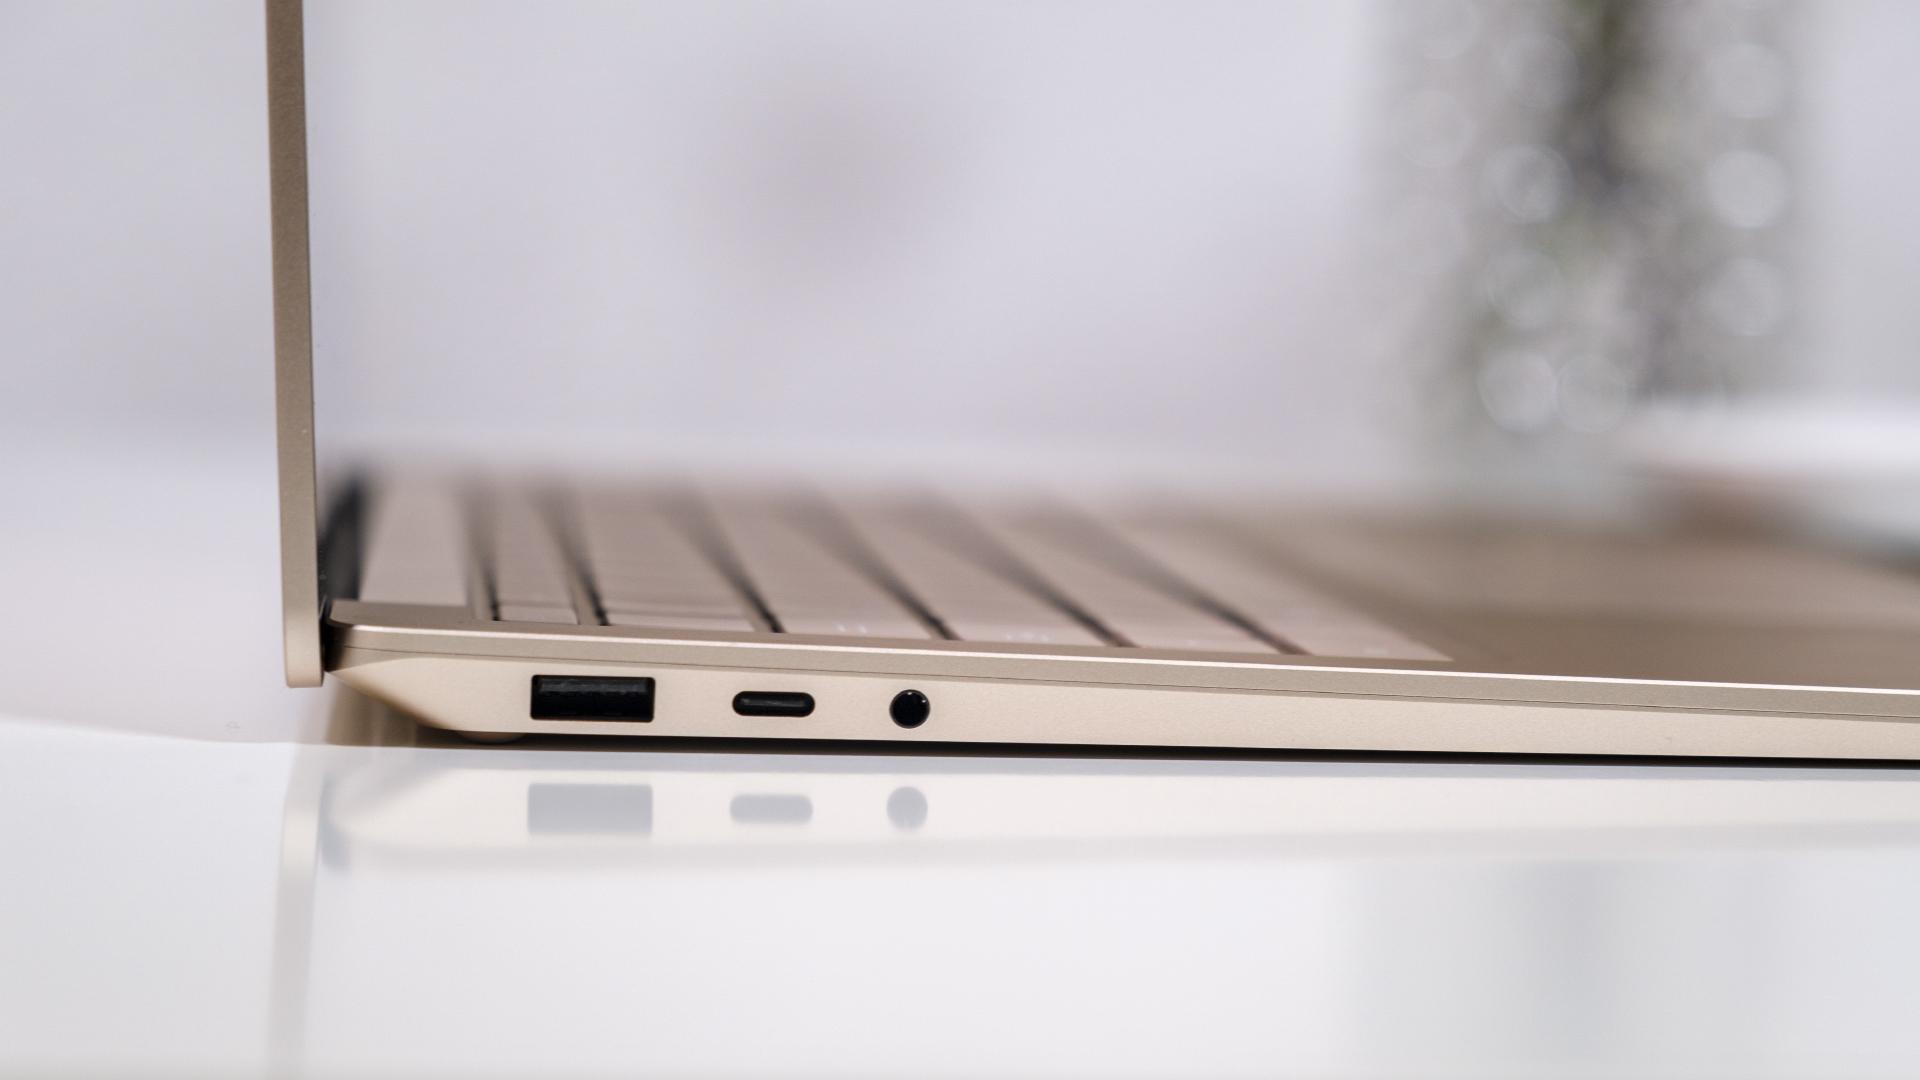 Microsoft Surface Laptop 4 13 5 Anschlüsse links